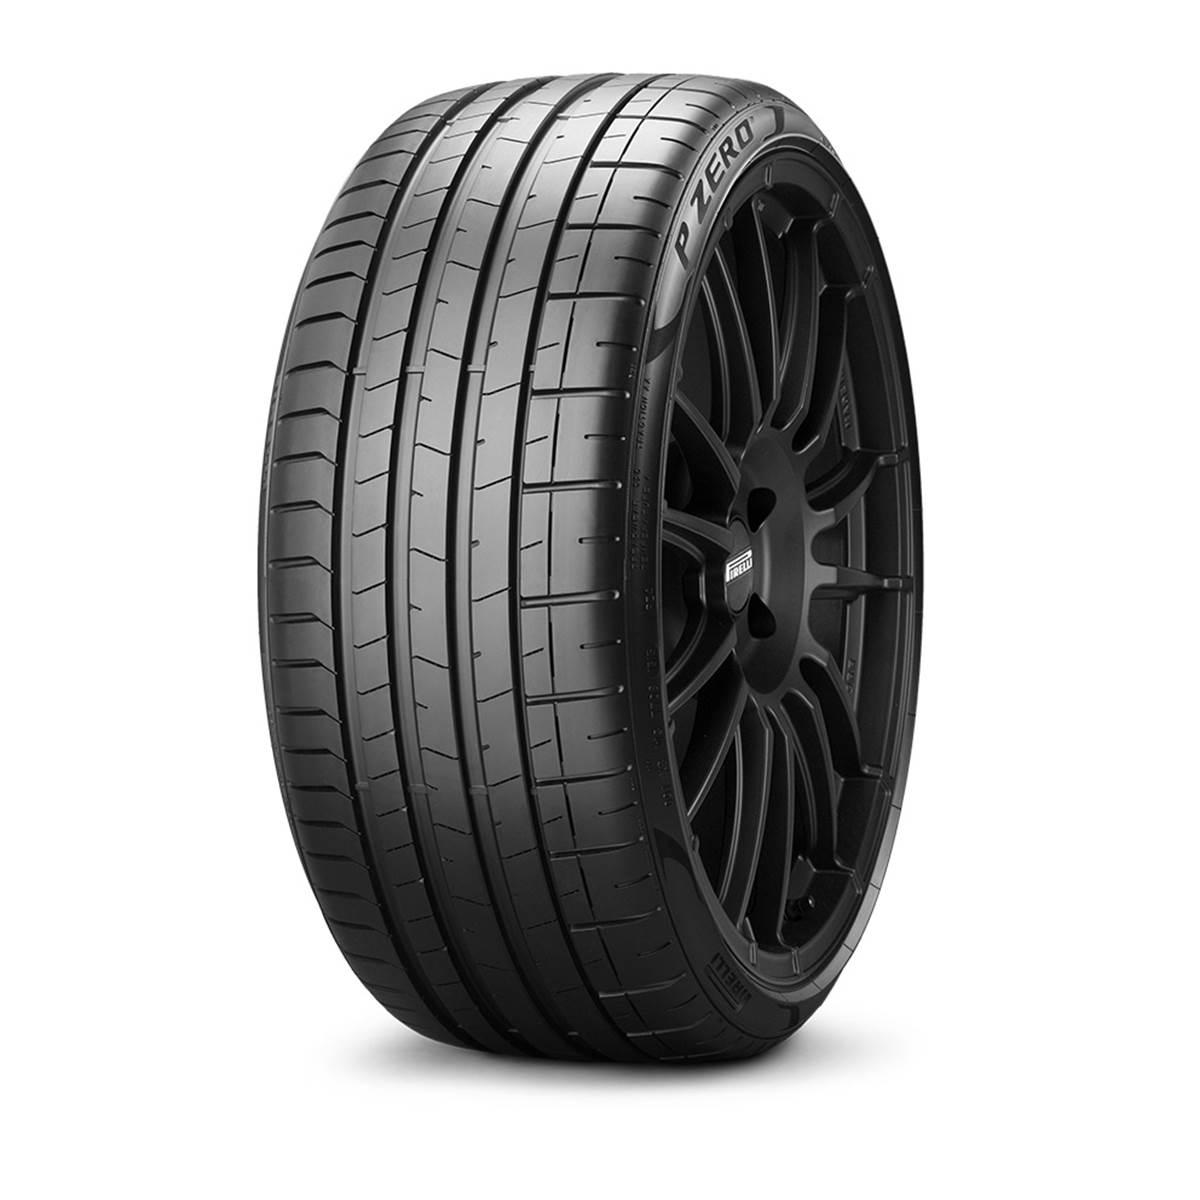 Pneu Pirelli 265/35R19 94Y Pzero